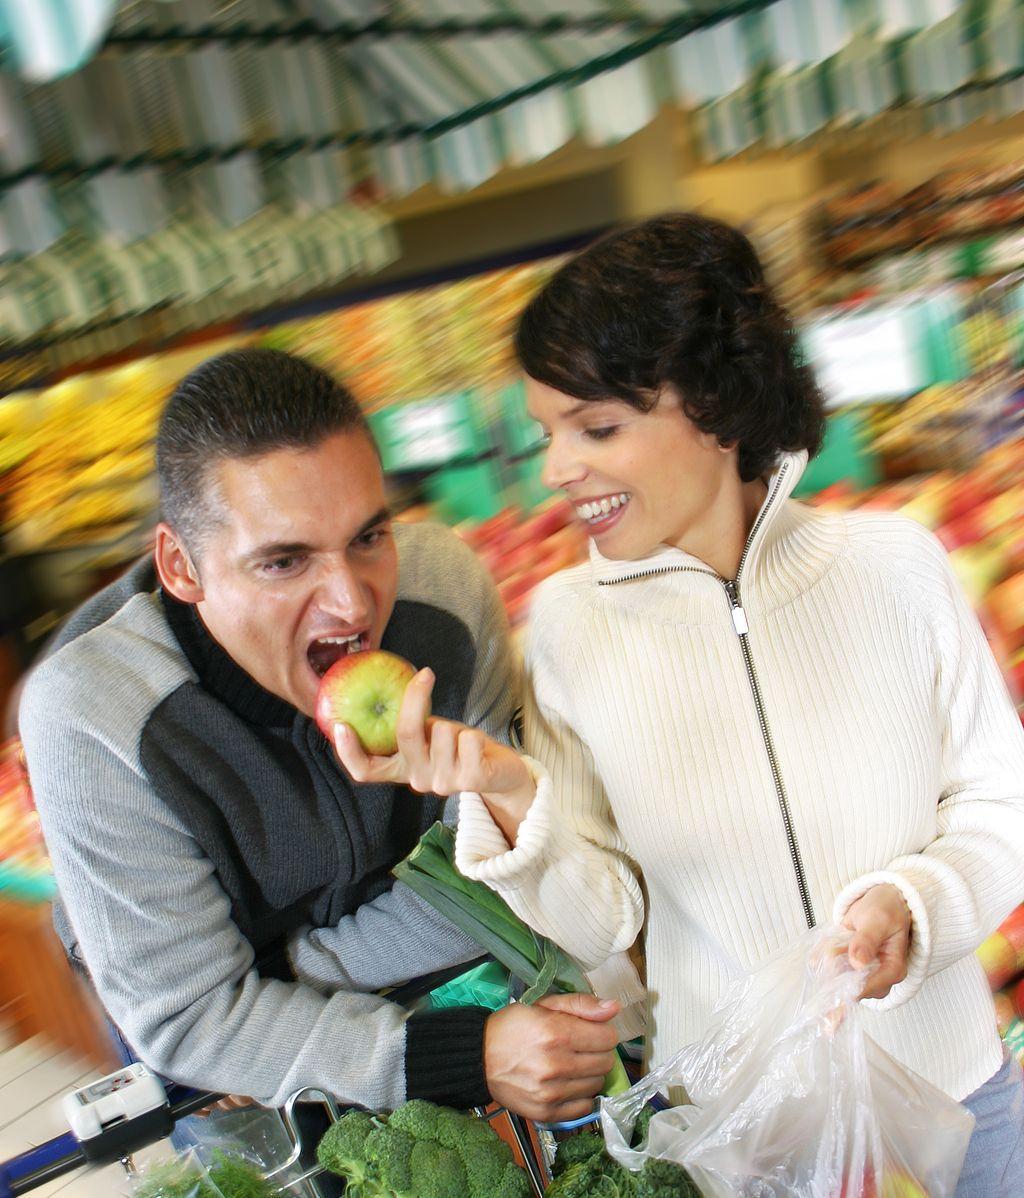 Comer fruta y verdura